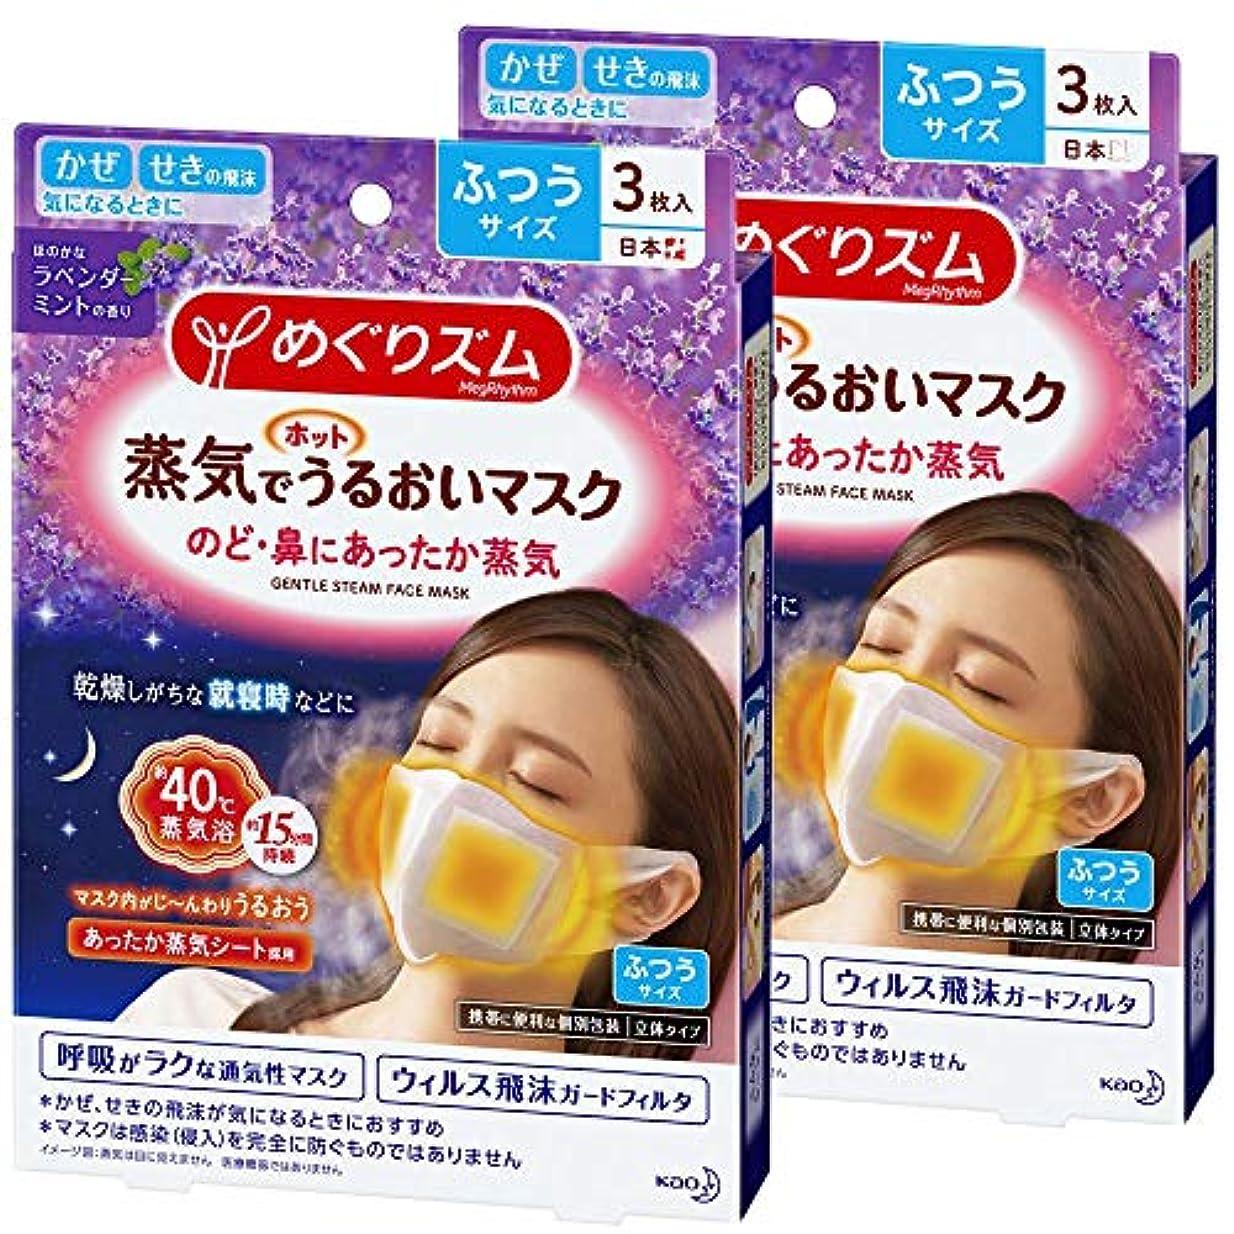 アミューズメント机いま【まとめ買い】めぐりズム 蒸気でホットうるおいマスク ラベンダーミントの香り ふつうサイズ 3枚入×2